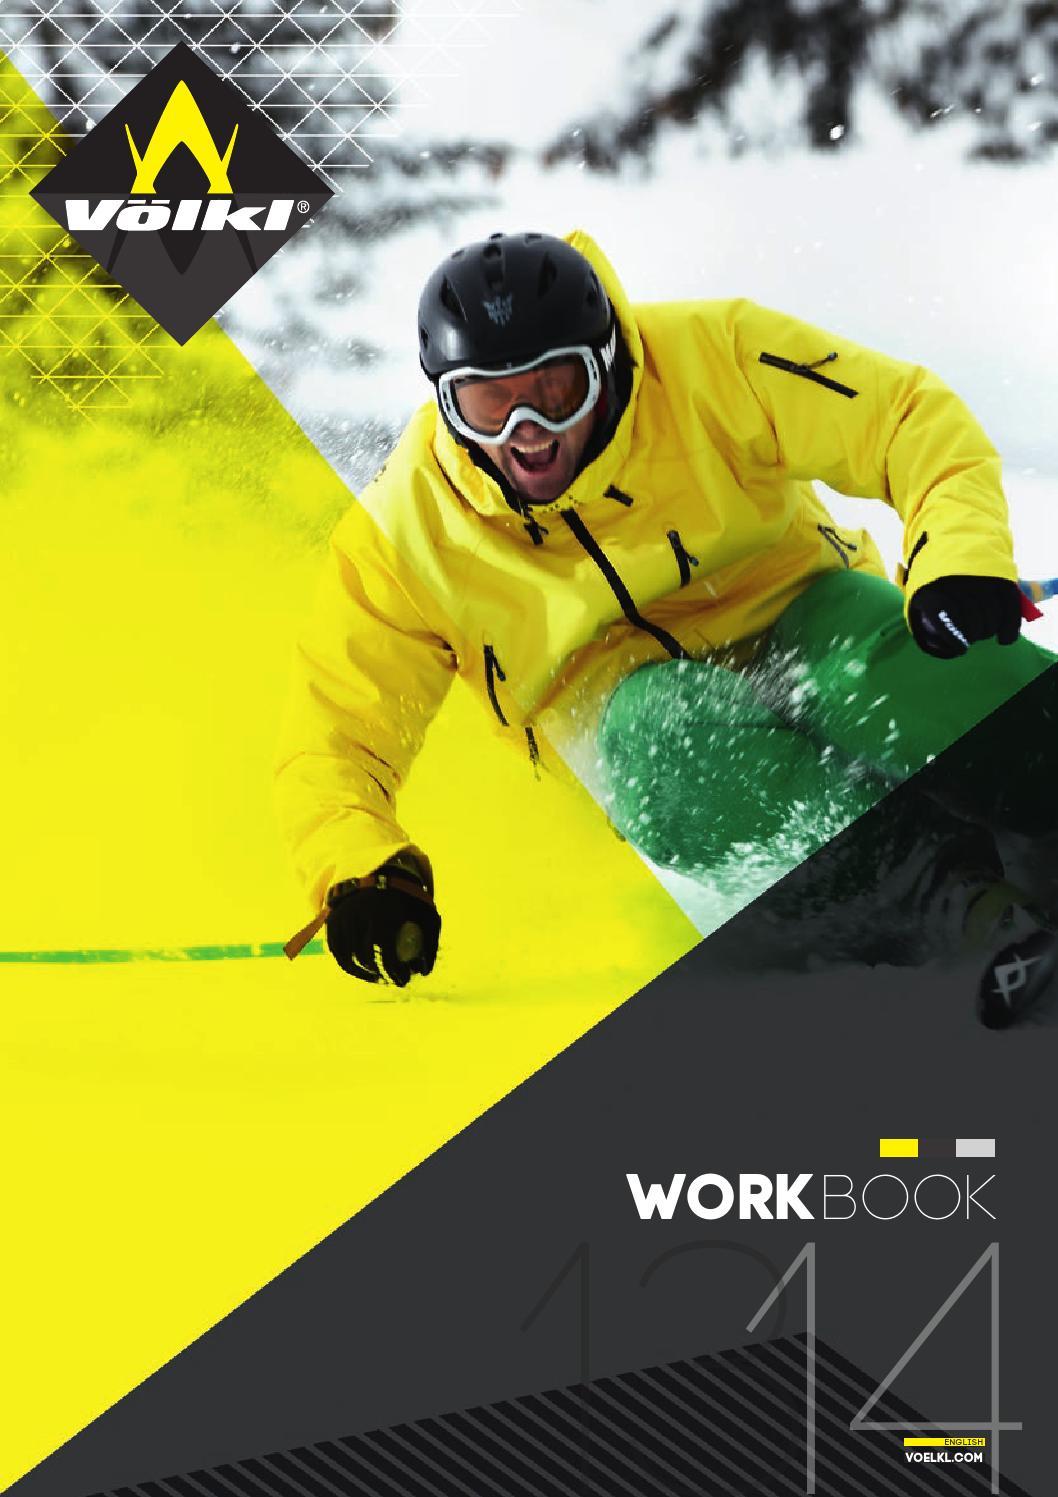 972b3fa5c Volkl Katalog 2014 by snowsport snowsport - issuu